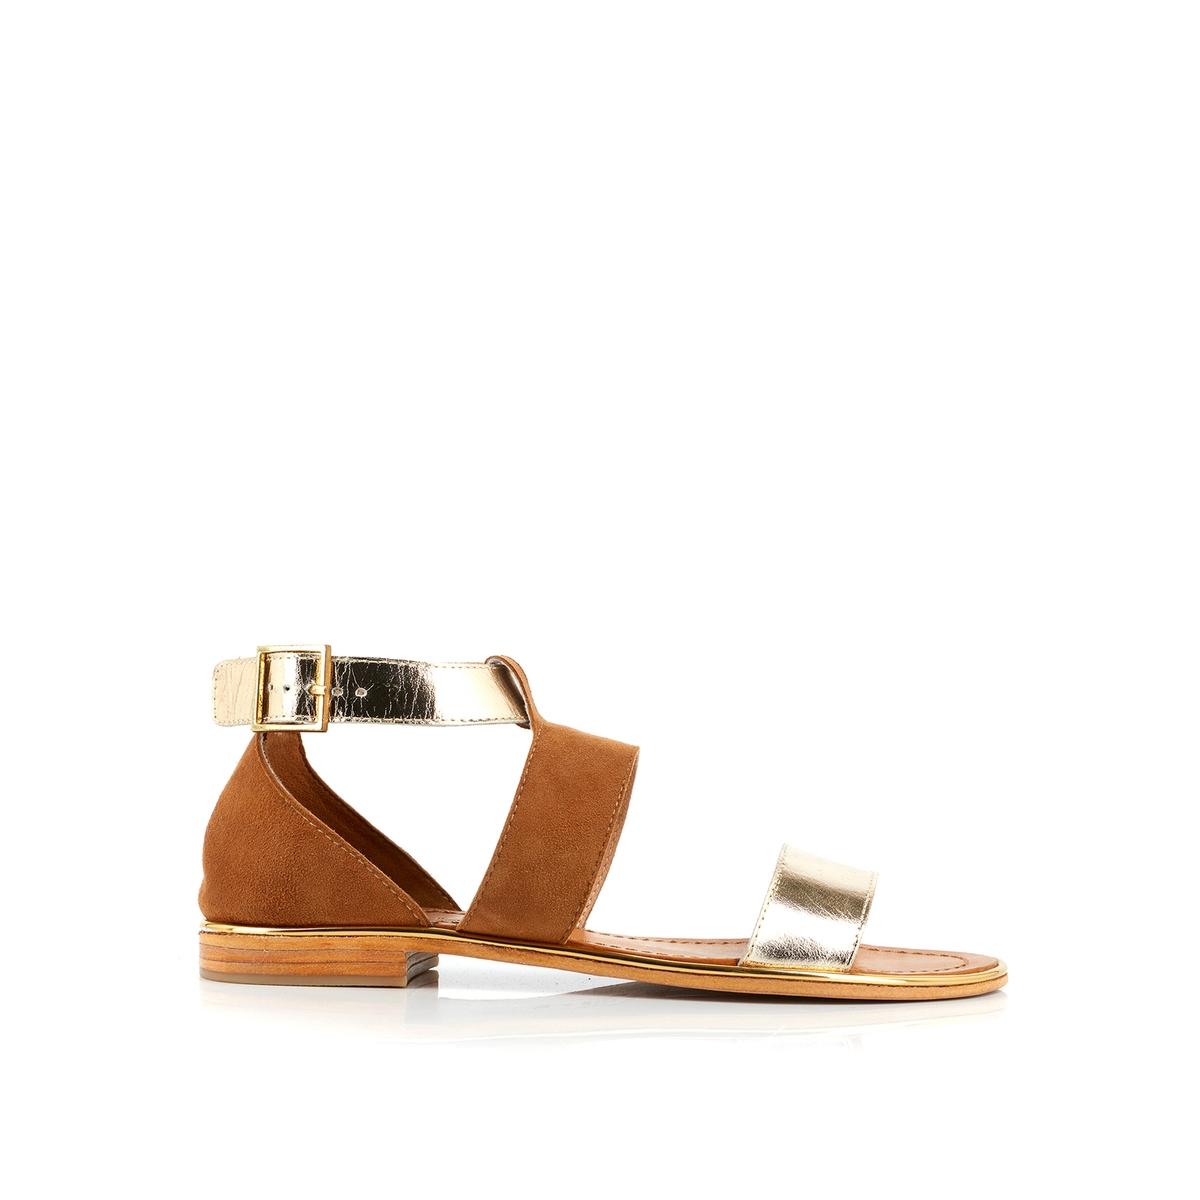 Сандалии кожаные на плоском каблуке Dina roberto verino mellow